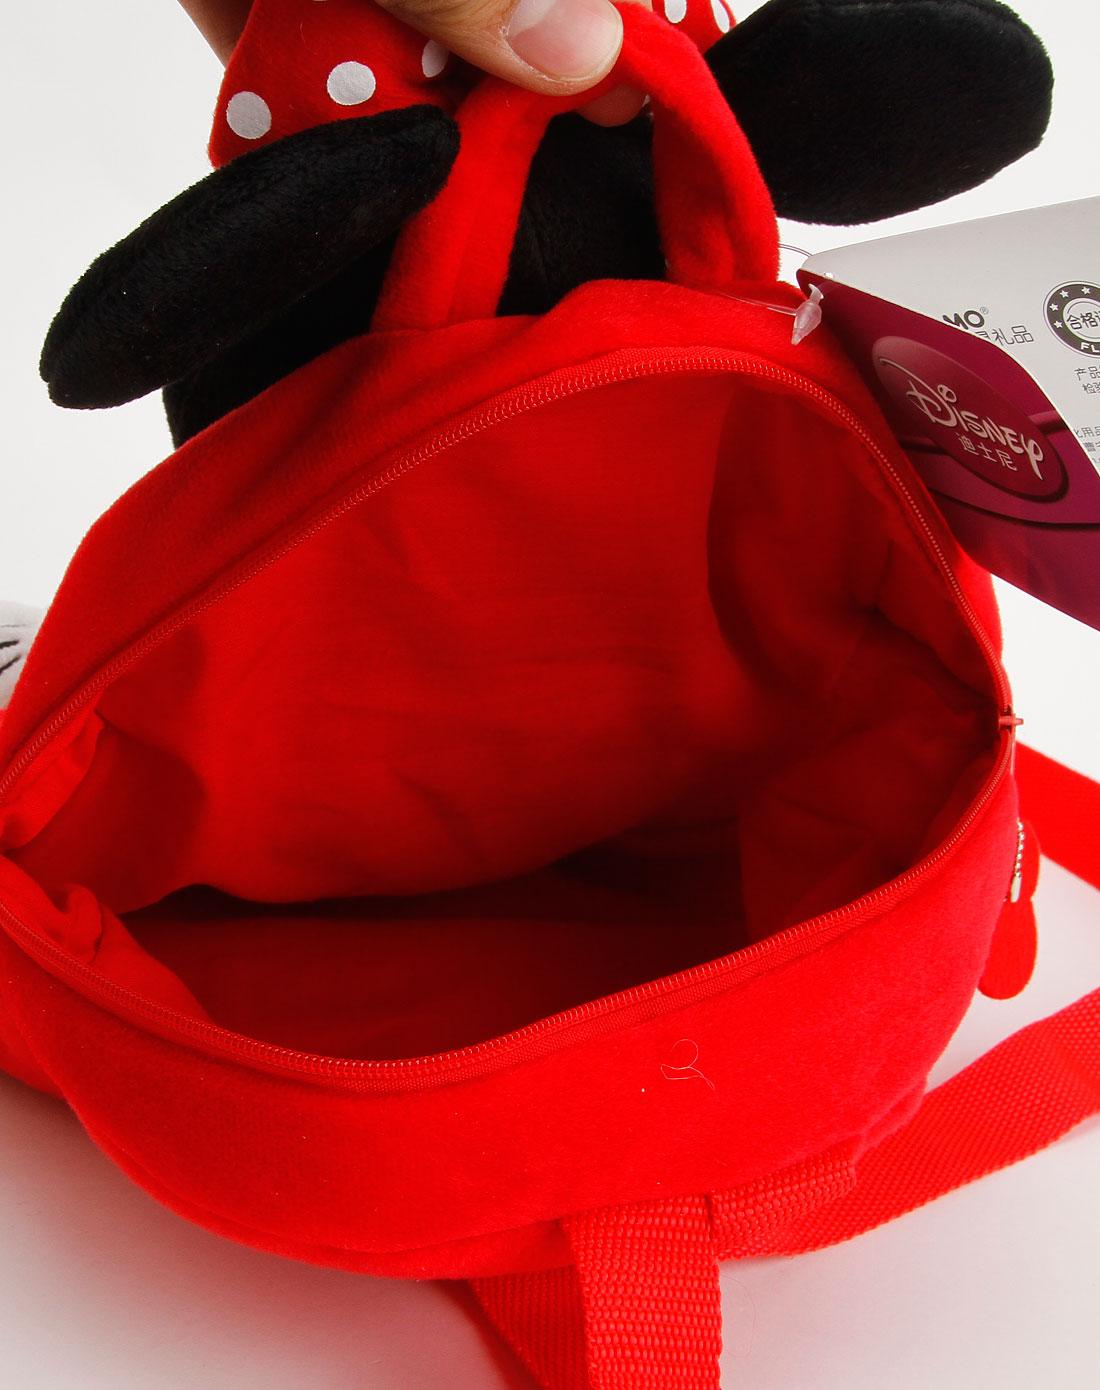 米奇儿童红色米奇老鼠背包